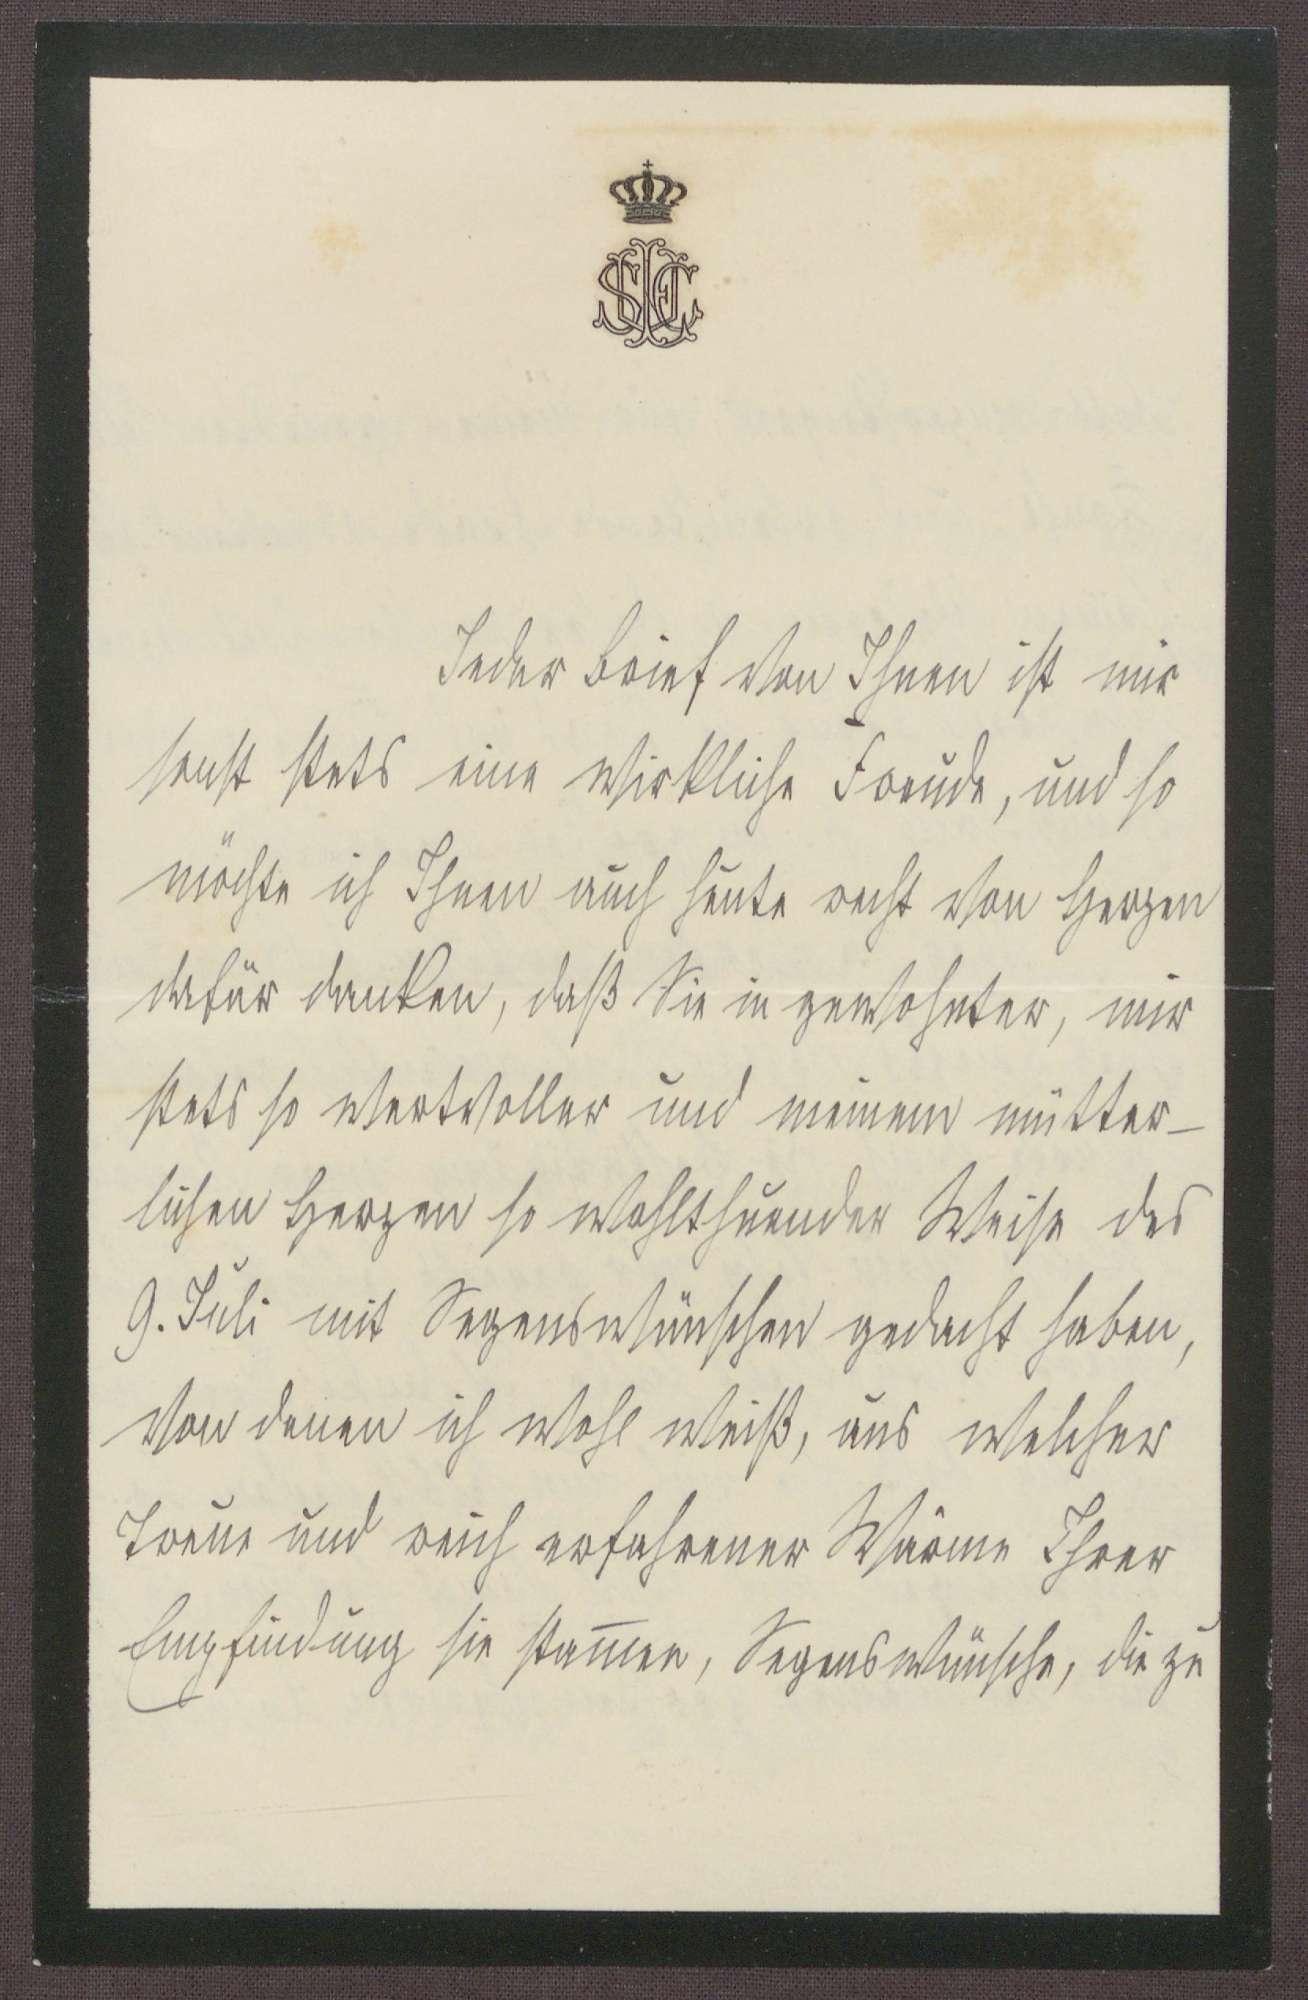 Schreiben von der Großherzogin Luise an Otto Frommel; Dank für ein Schreiben zum Geburstag von Großherzog Friedrich II. und Gedanken über die Stelle als Hofpediger in Weimar, Bild 1